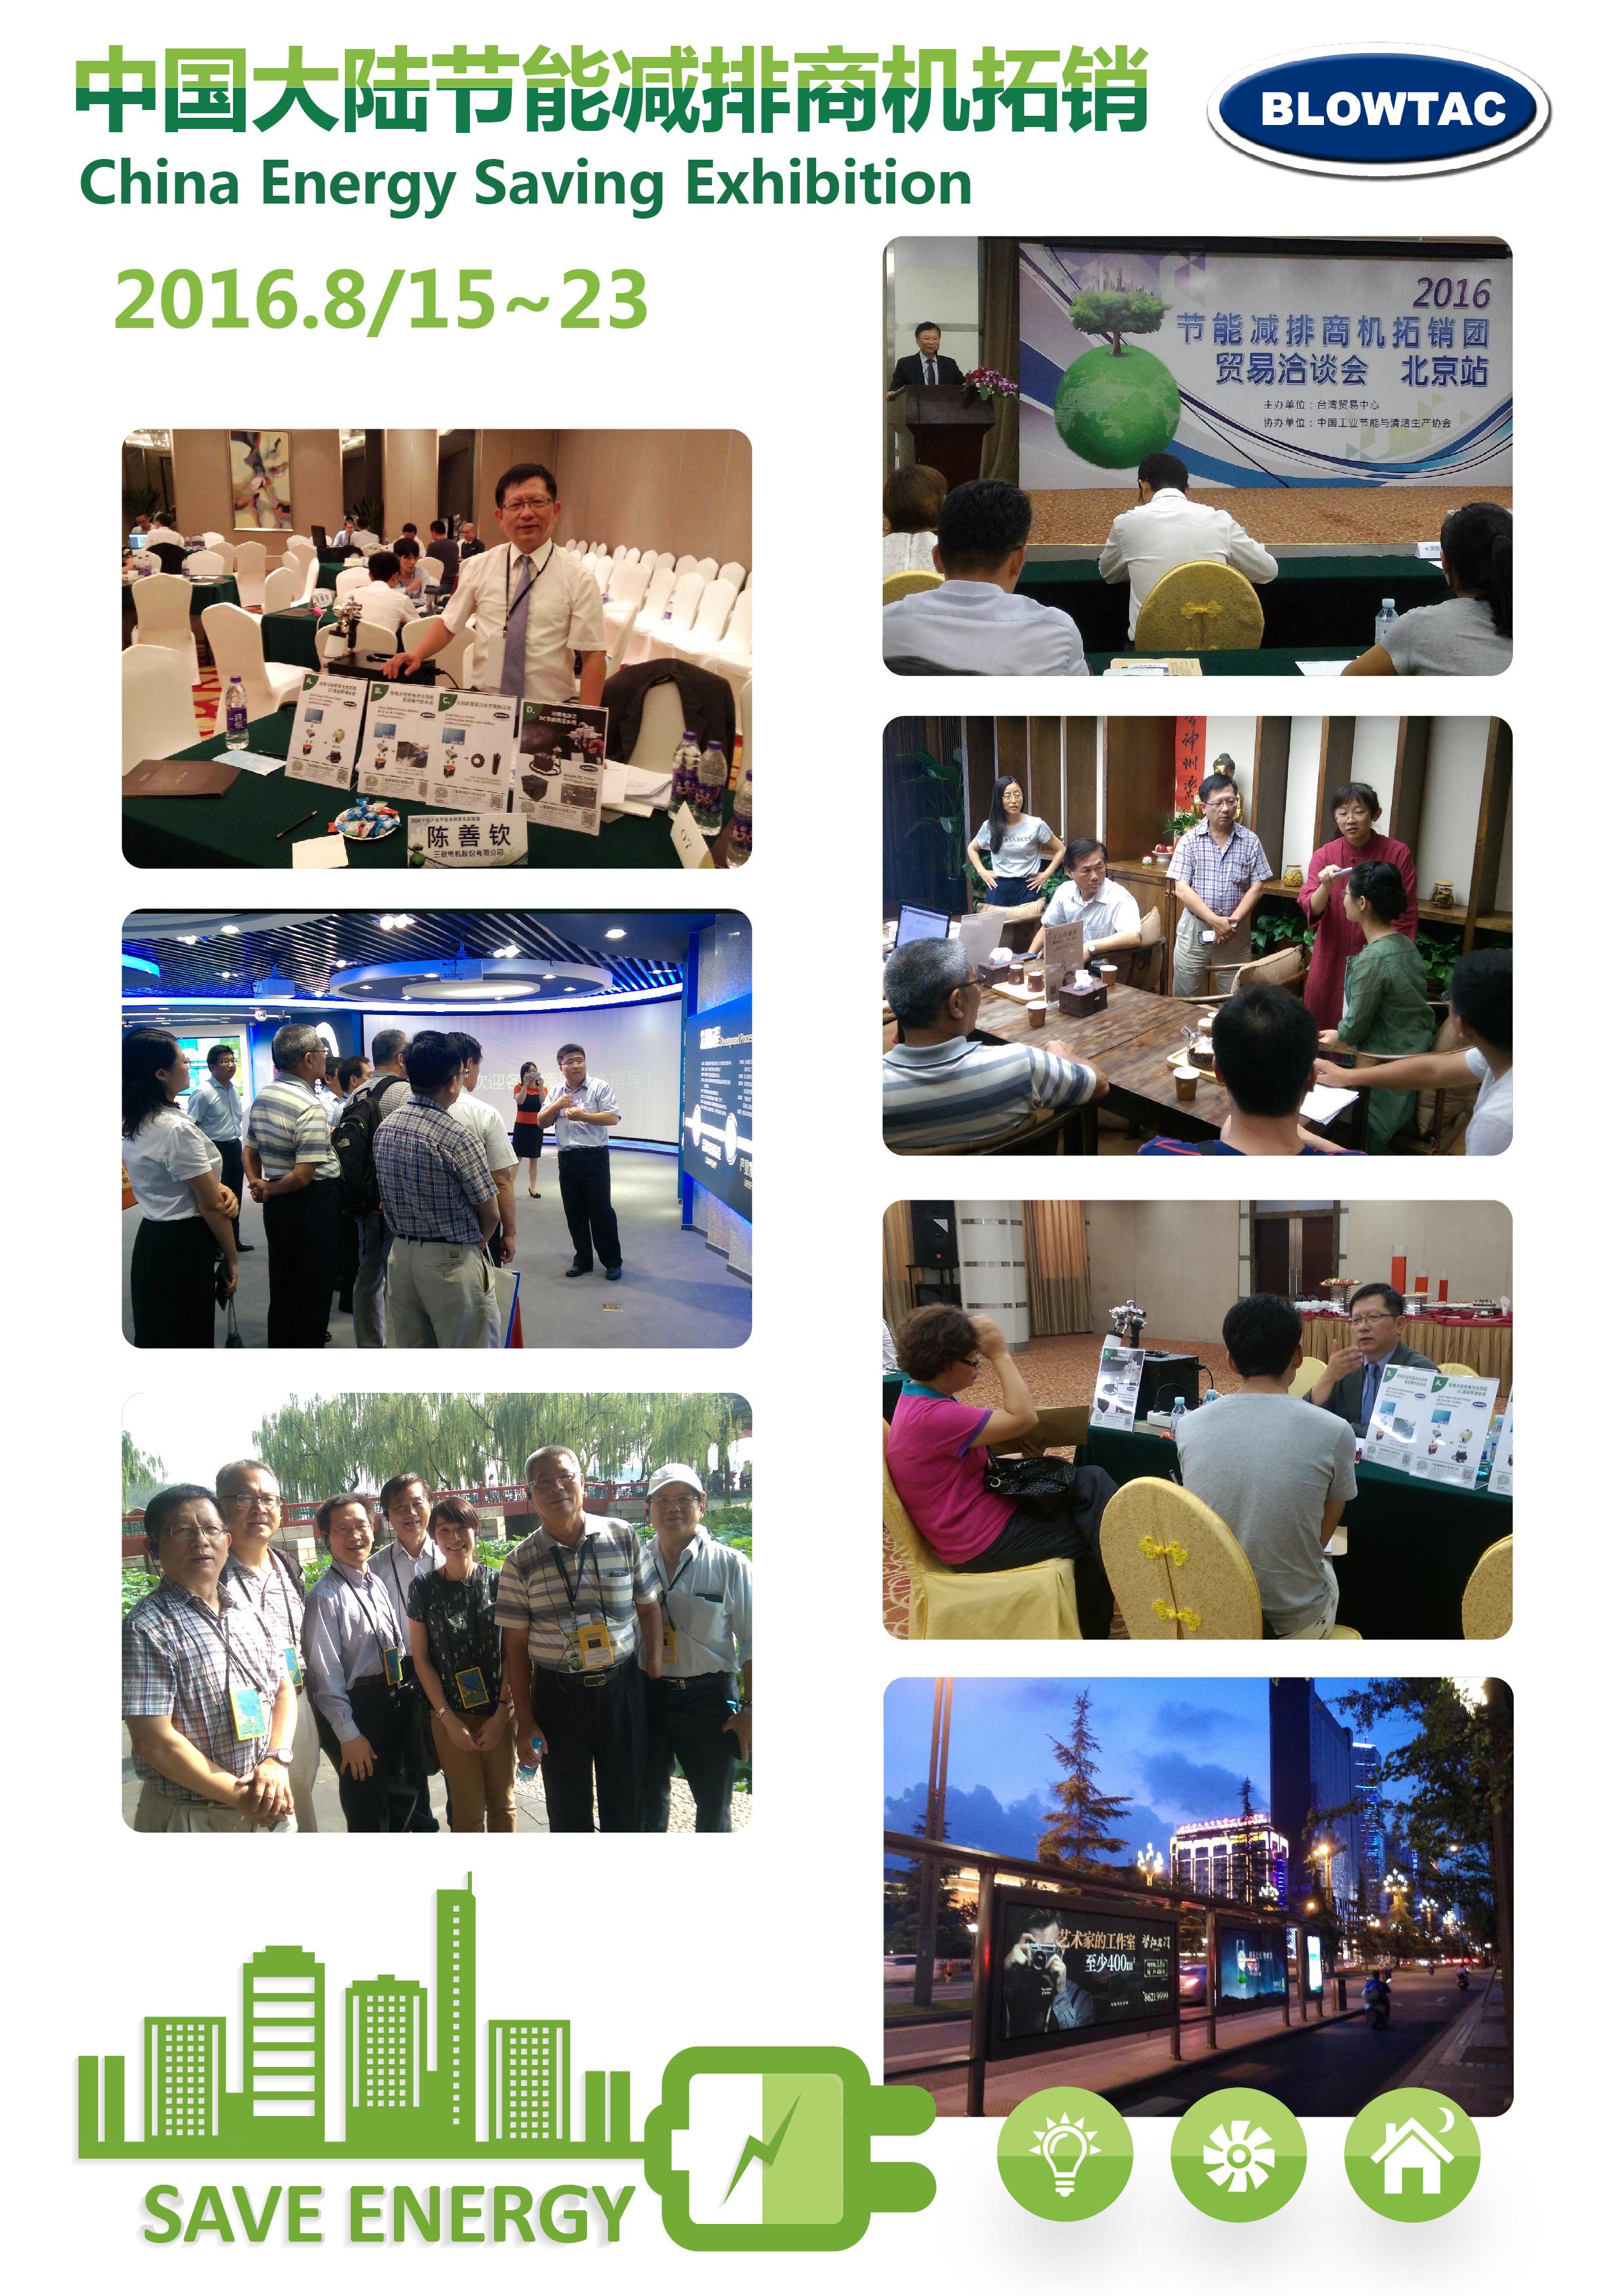 Exposición de ahorro de energía de China